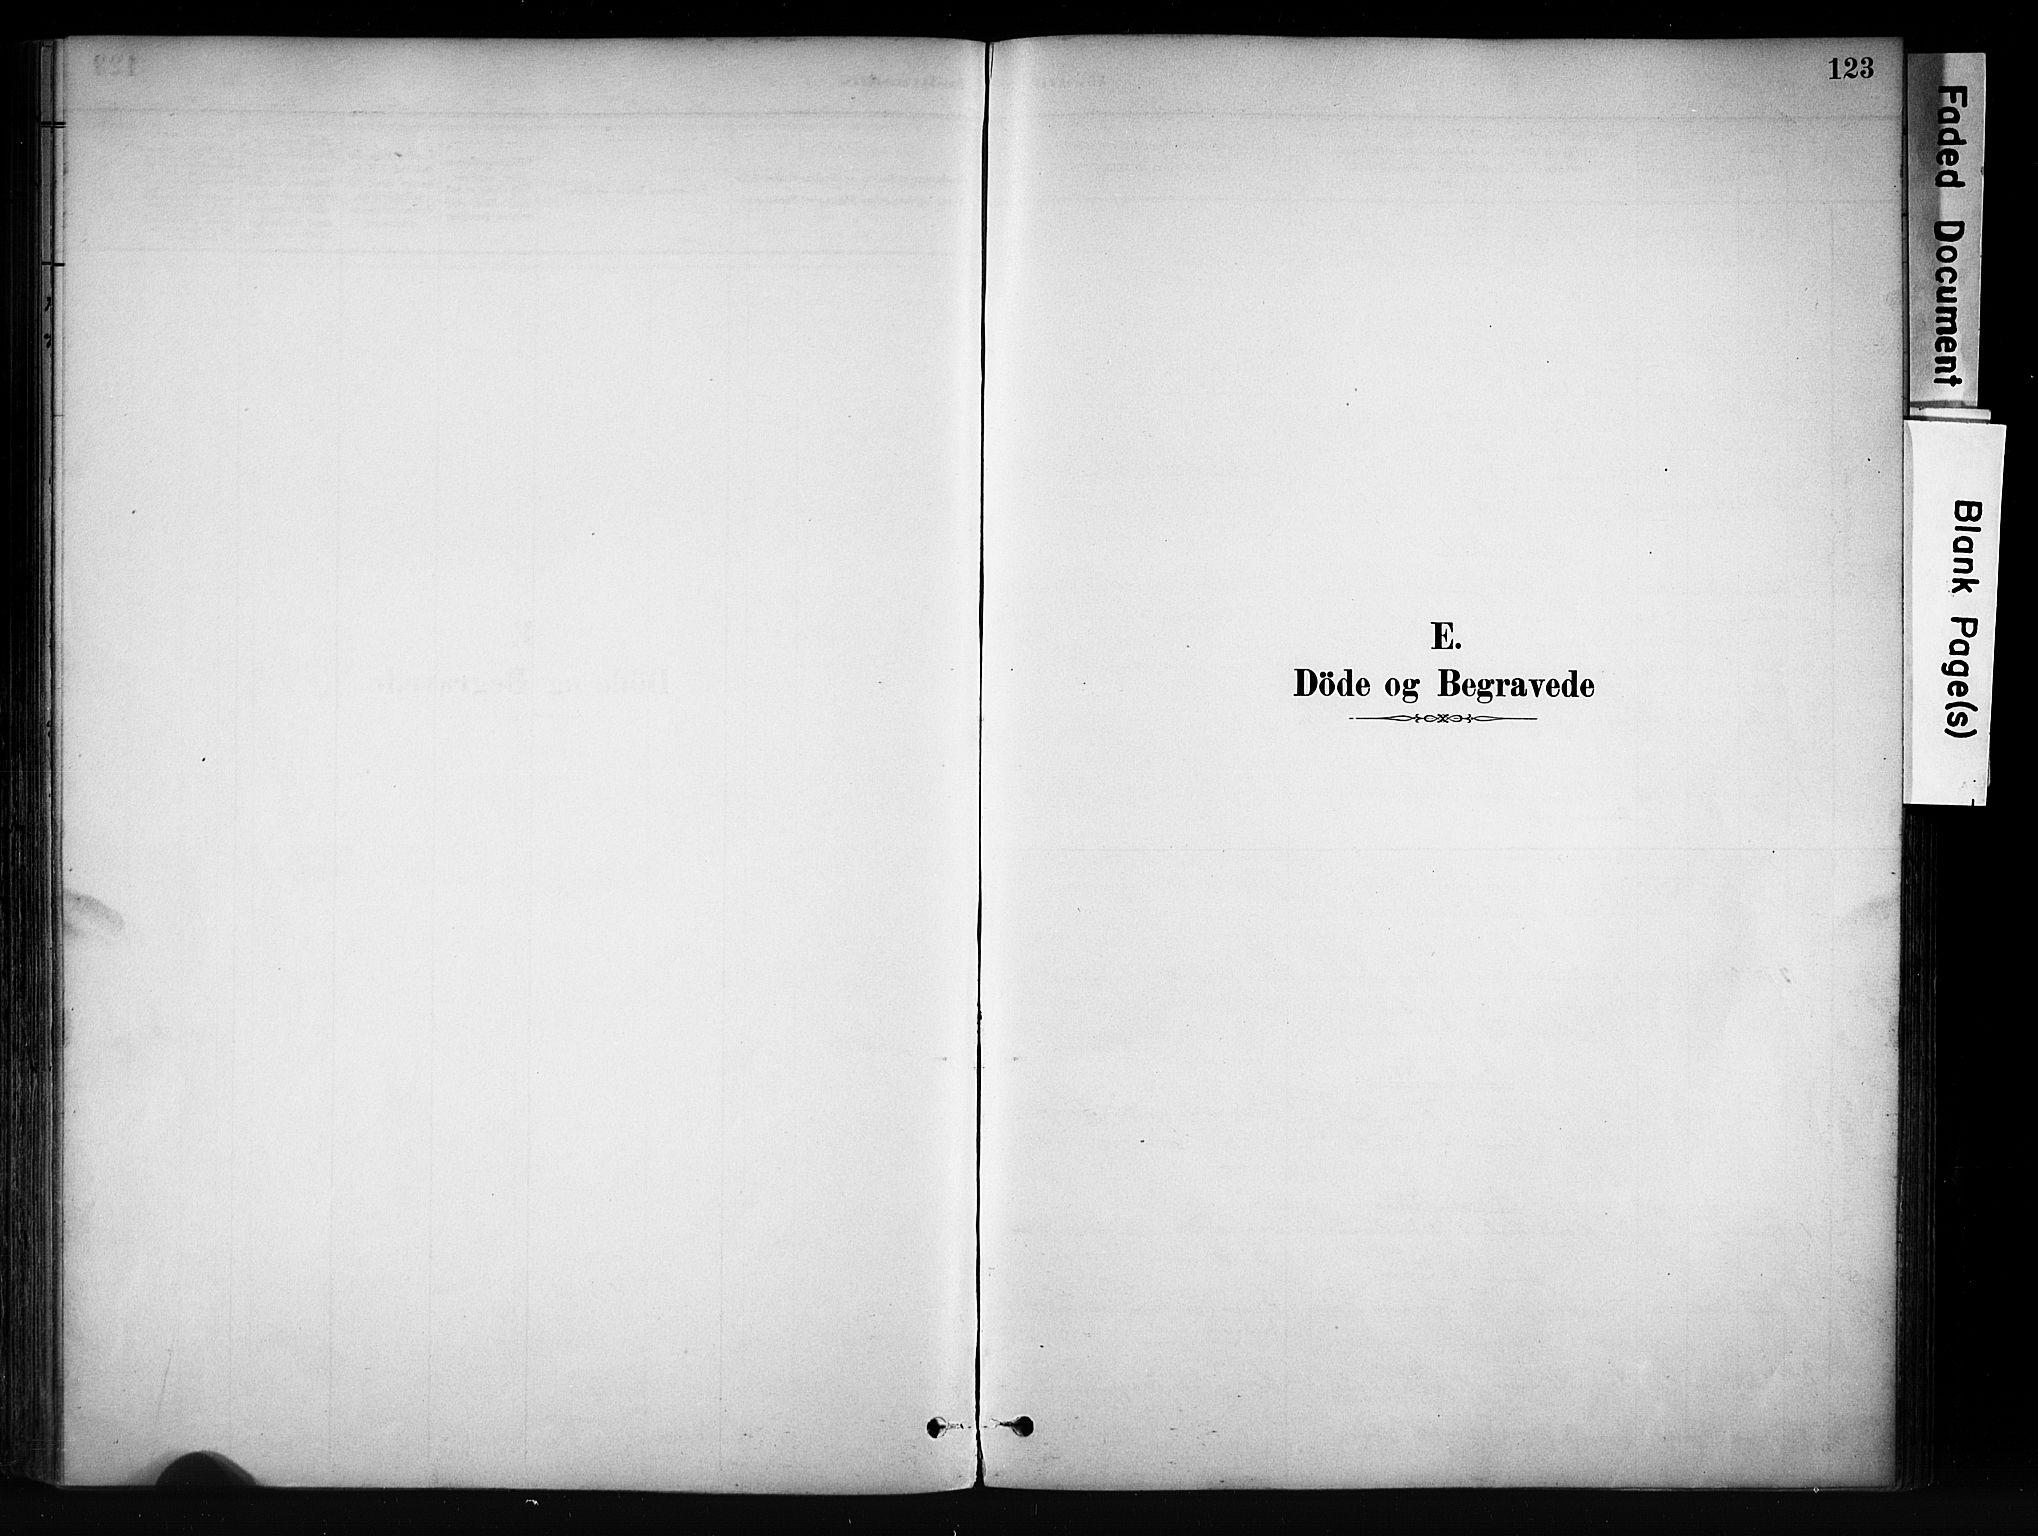 SAH, Vang prestekontor, Valdres, Ministerialbok nr. 9, 1882-1914, s. 123